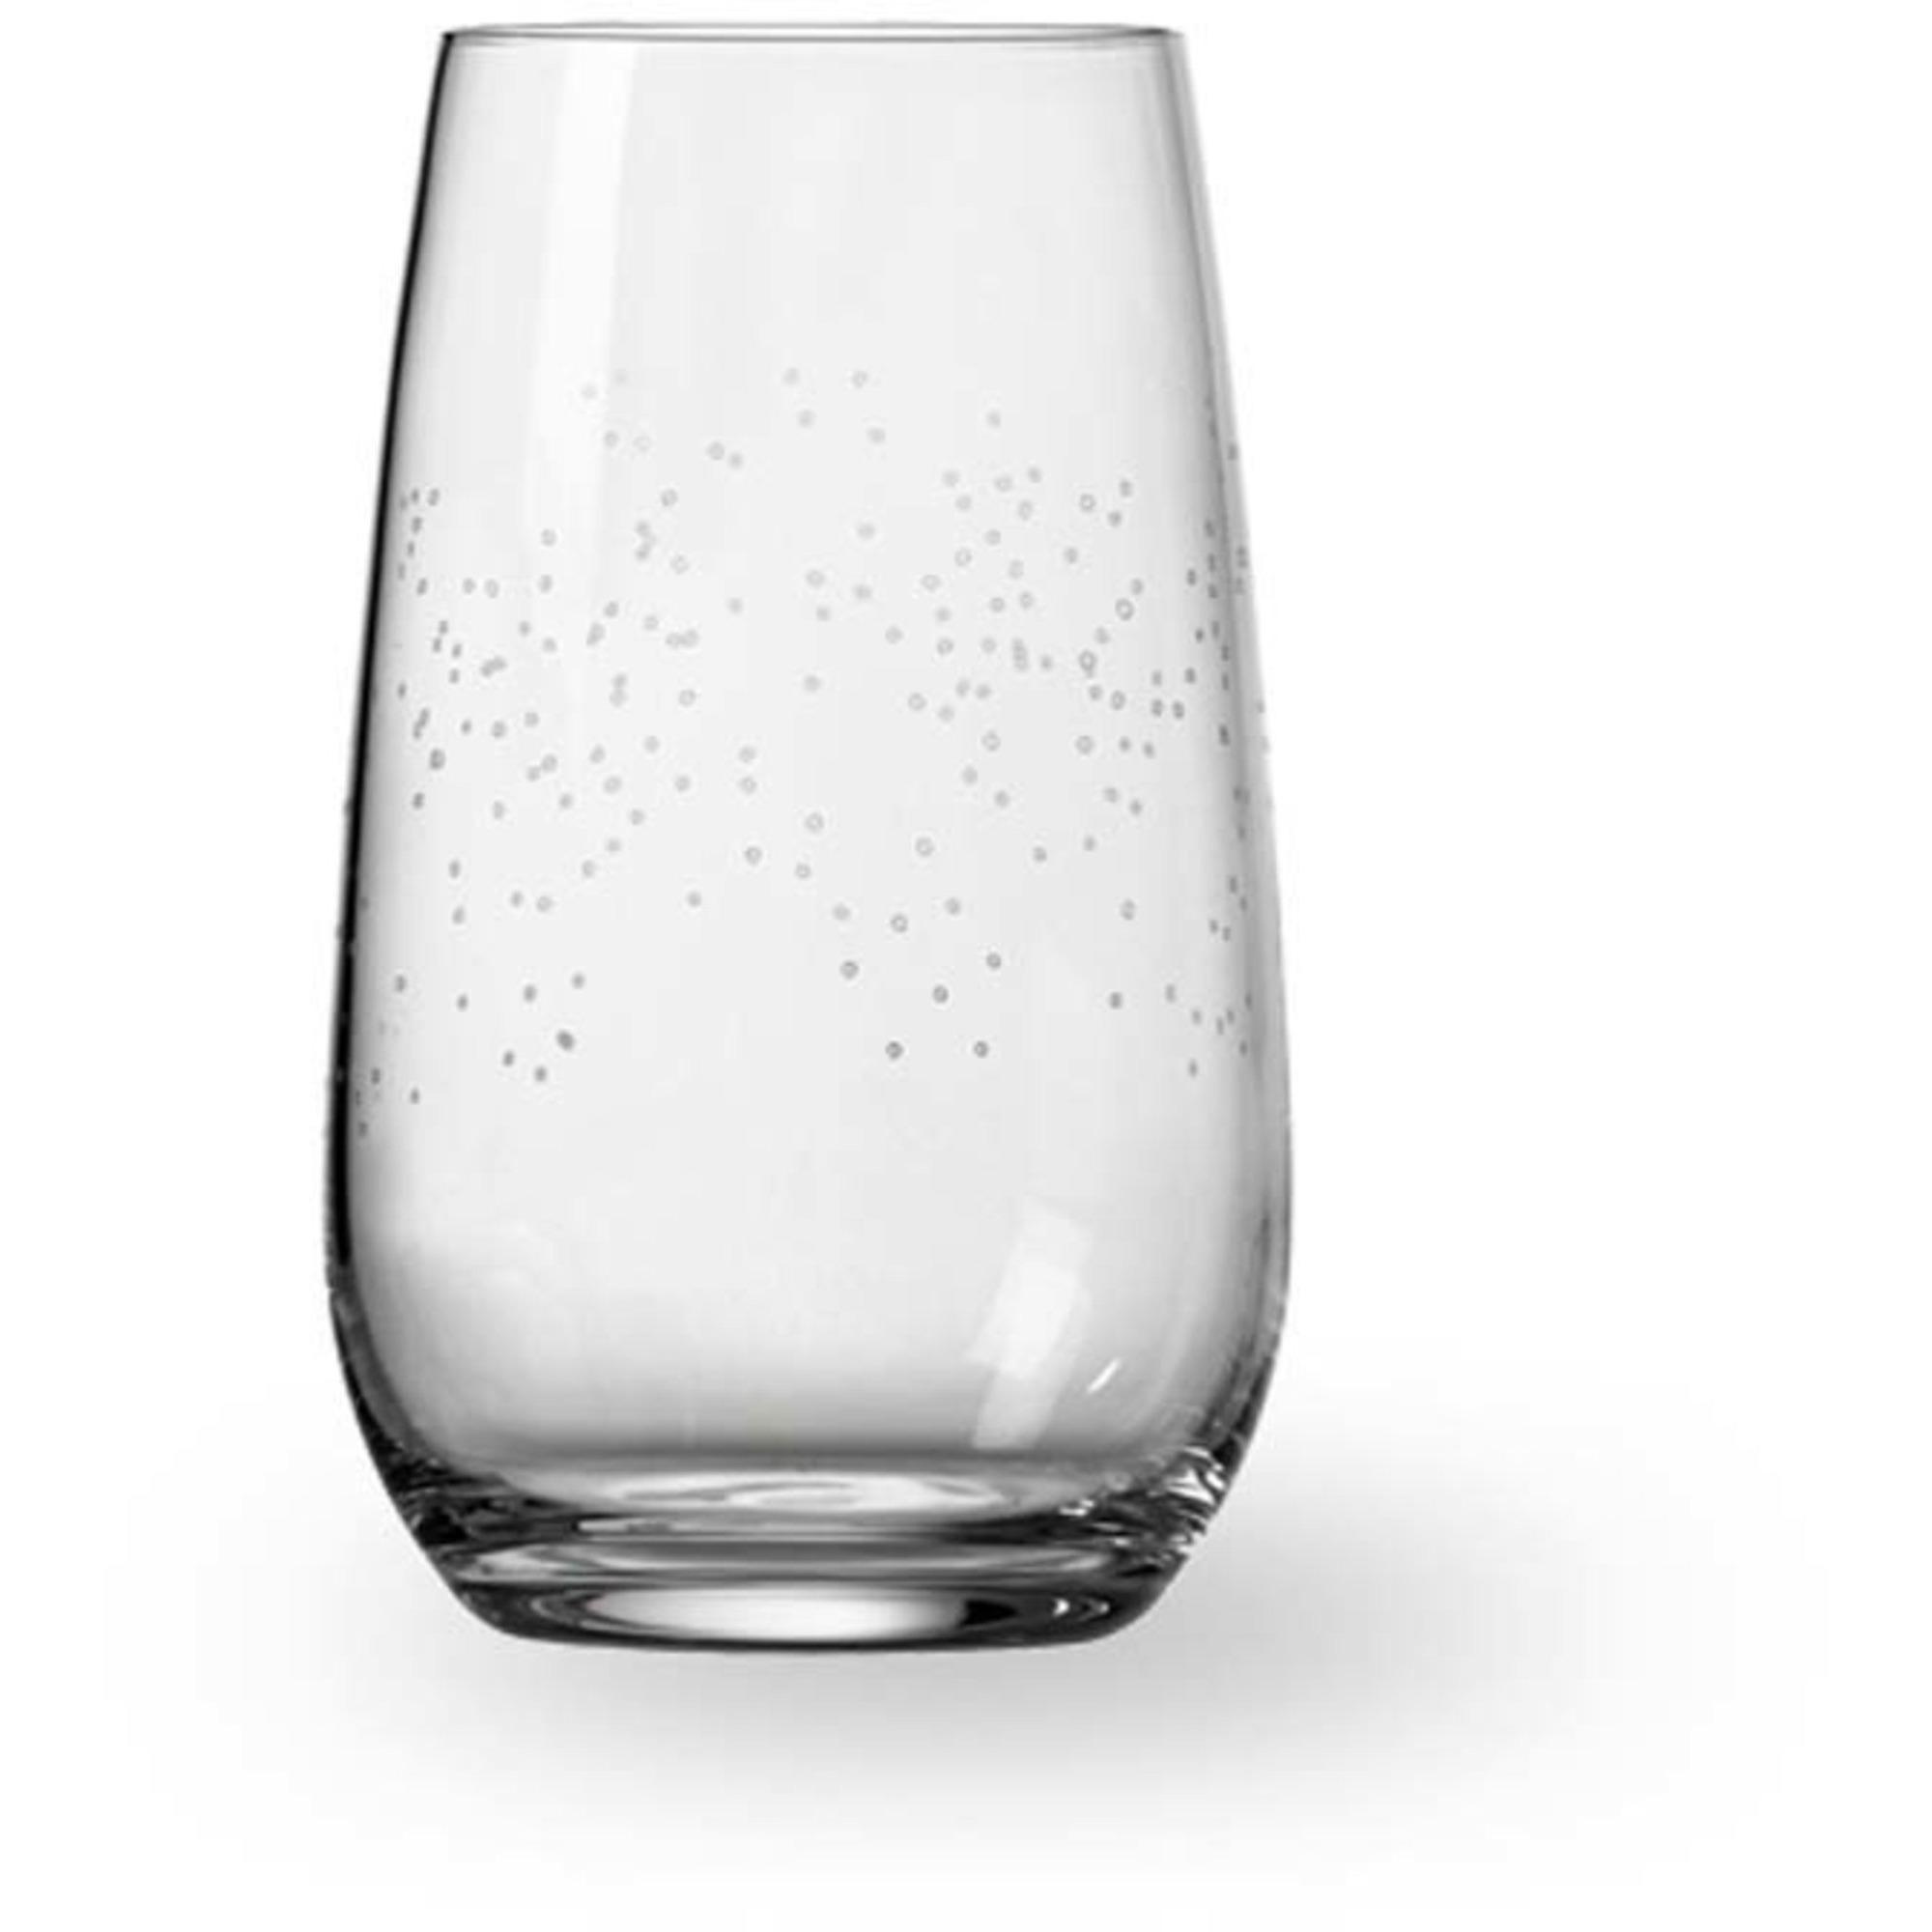 Wik & Walsøe Dugg Ölglas 48 cl